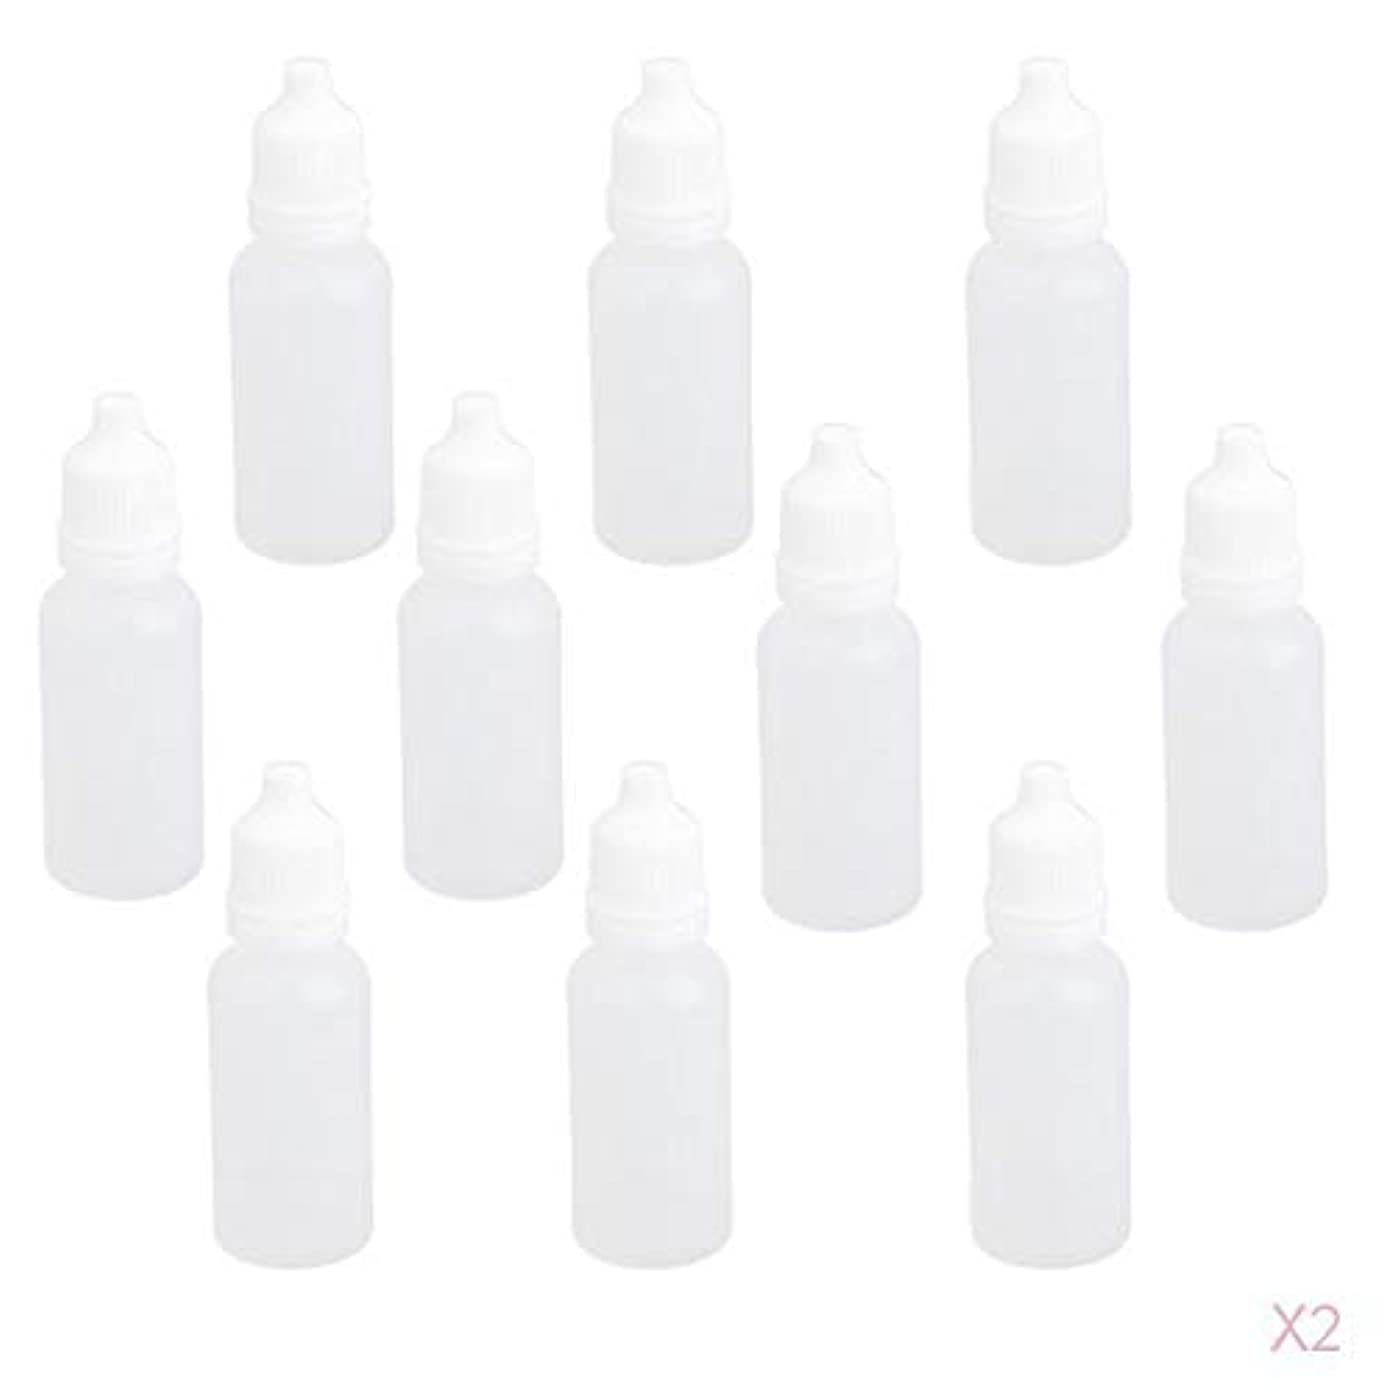 Hellery 詰替え容器 点眼 液体貯蔵 ドロッパーボトル 15ML 滴瓶 小分け プラスチック製 約10個入り